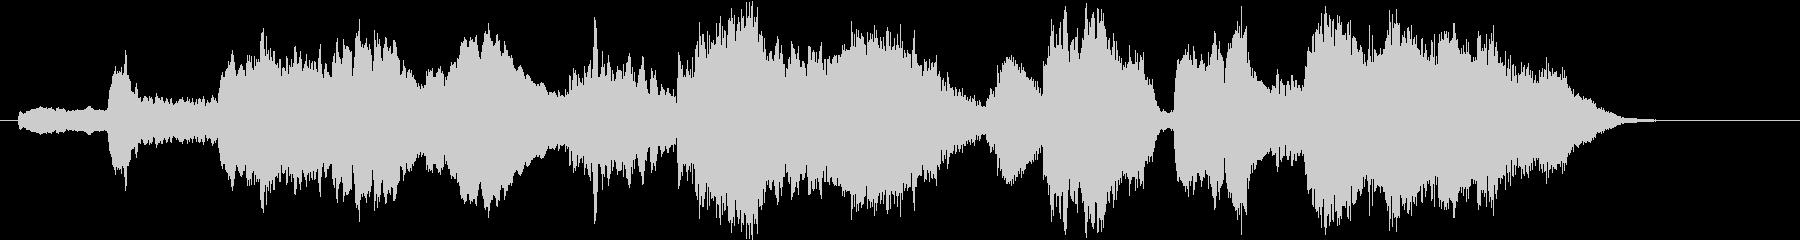 ファンタジー世界のオーケストラ・イントロの未再生の波形